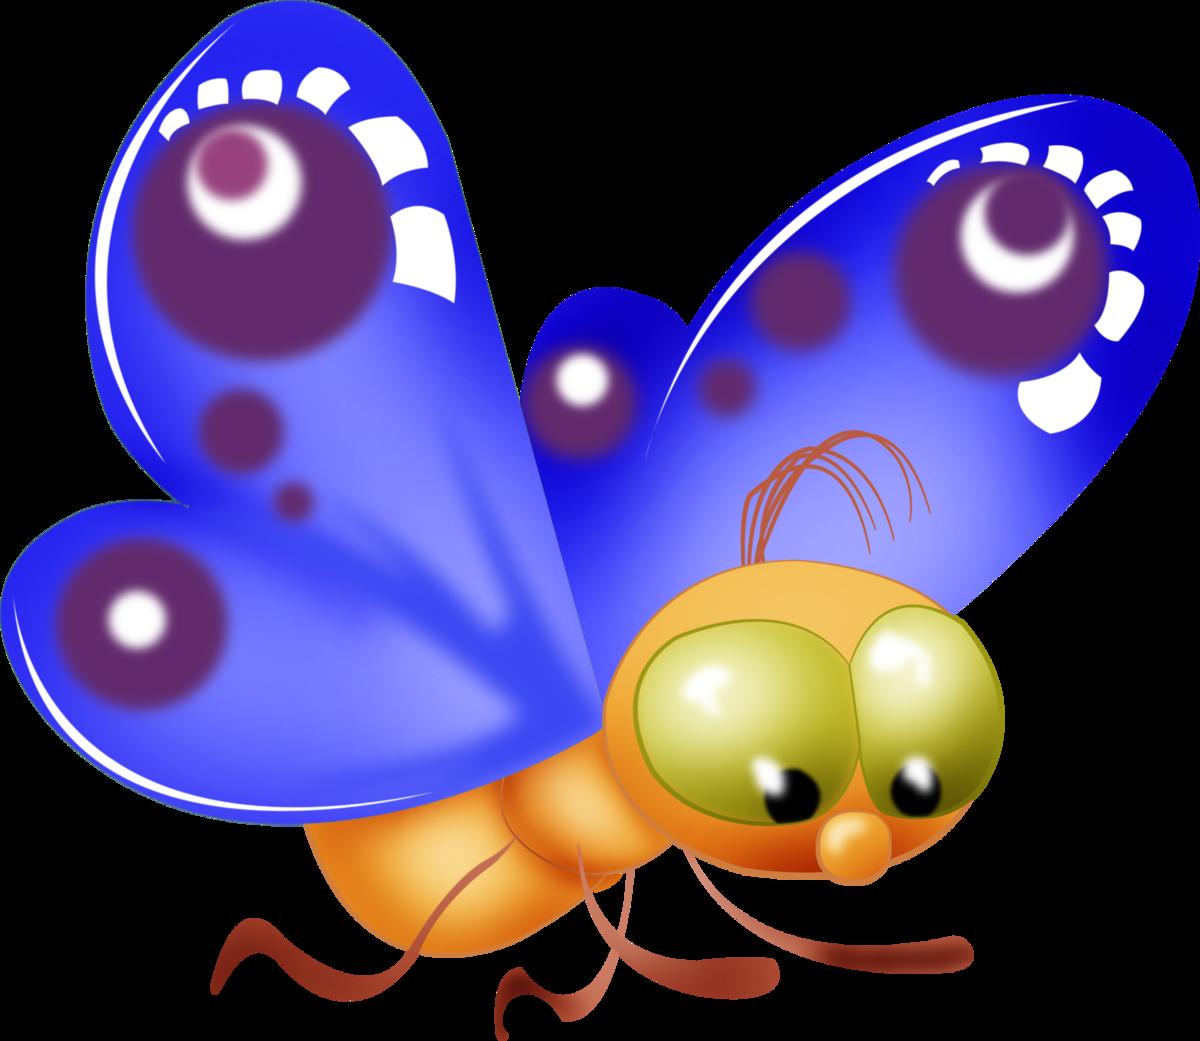 Сделать, картинки с изображением бабочек для детей